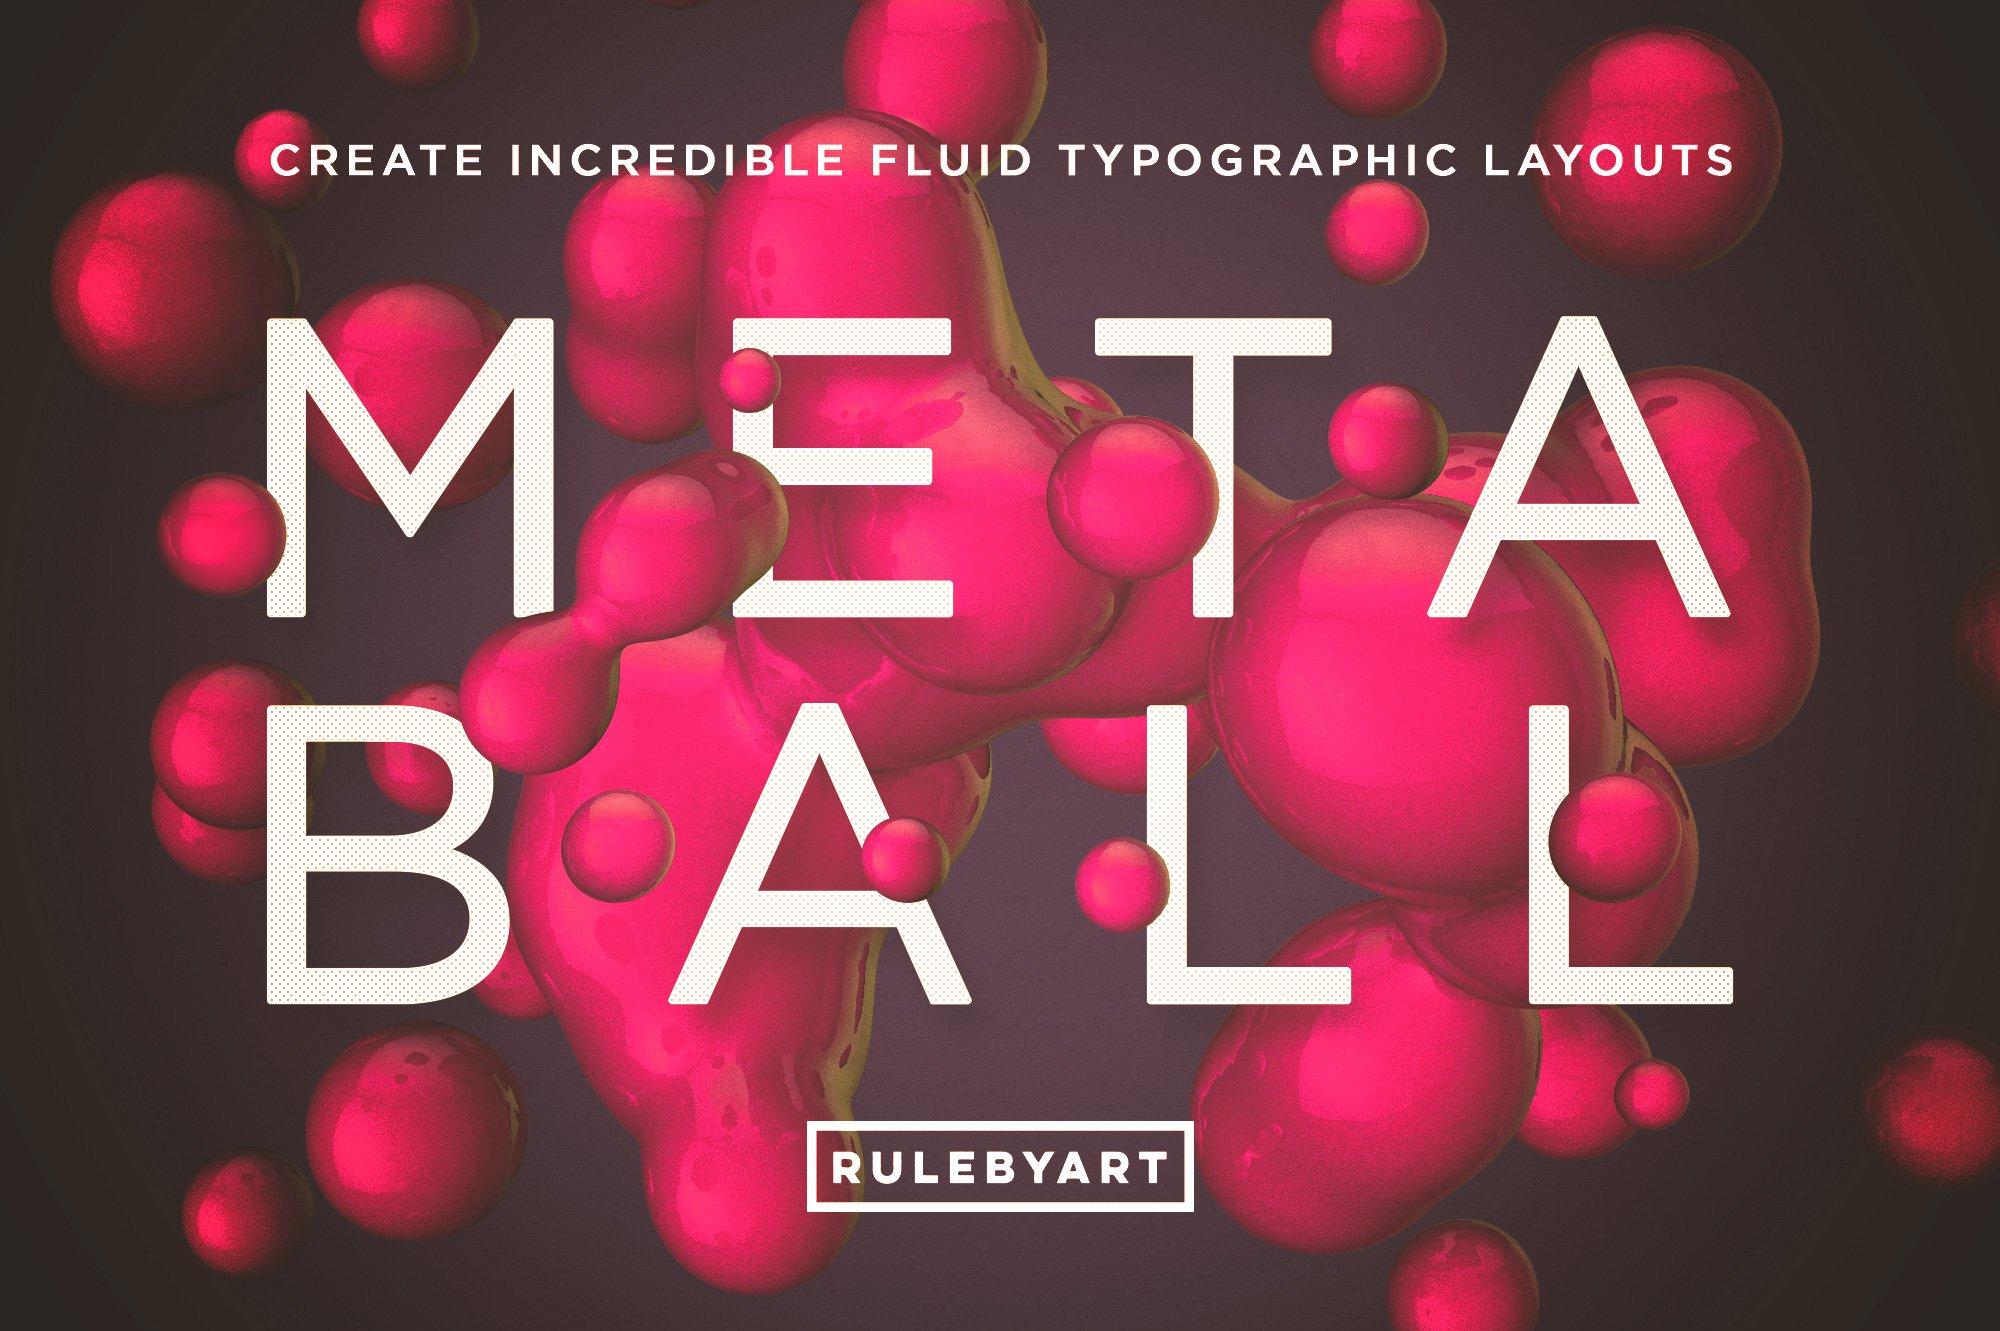 102个高清球体细胞水滴PNG免抠图片设计素材 Rulebyart – Metaball插图